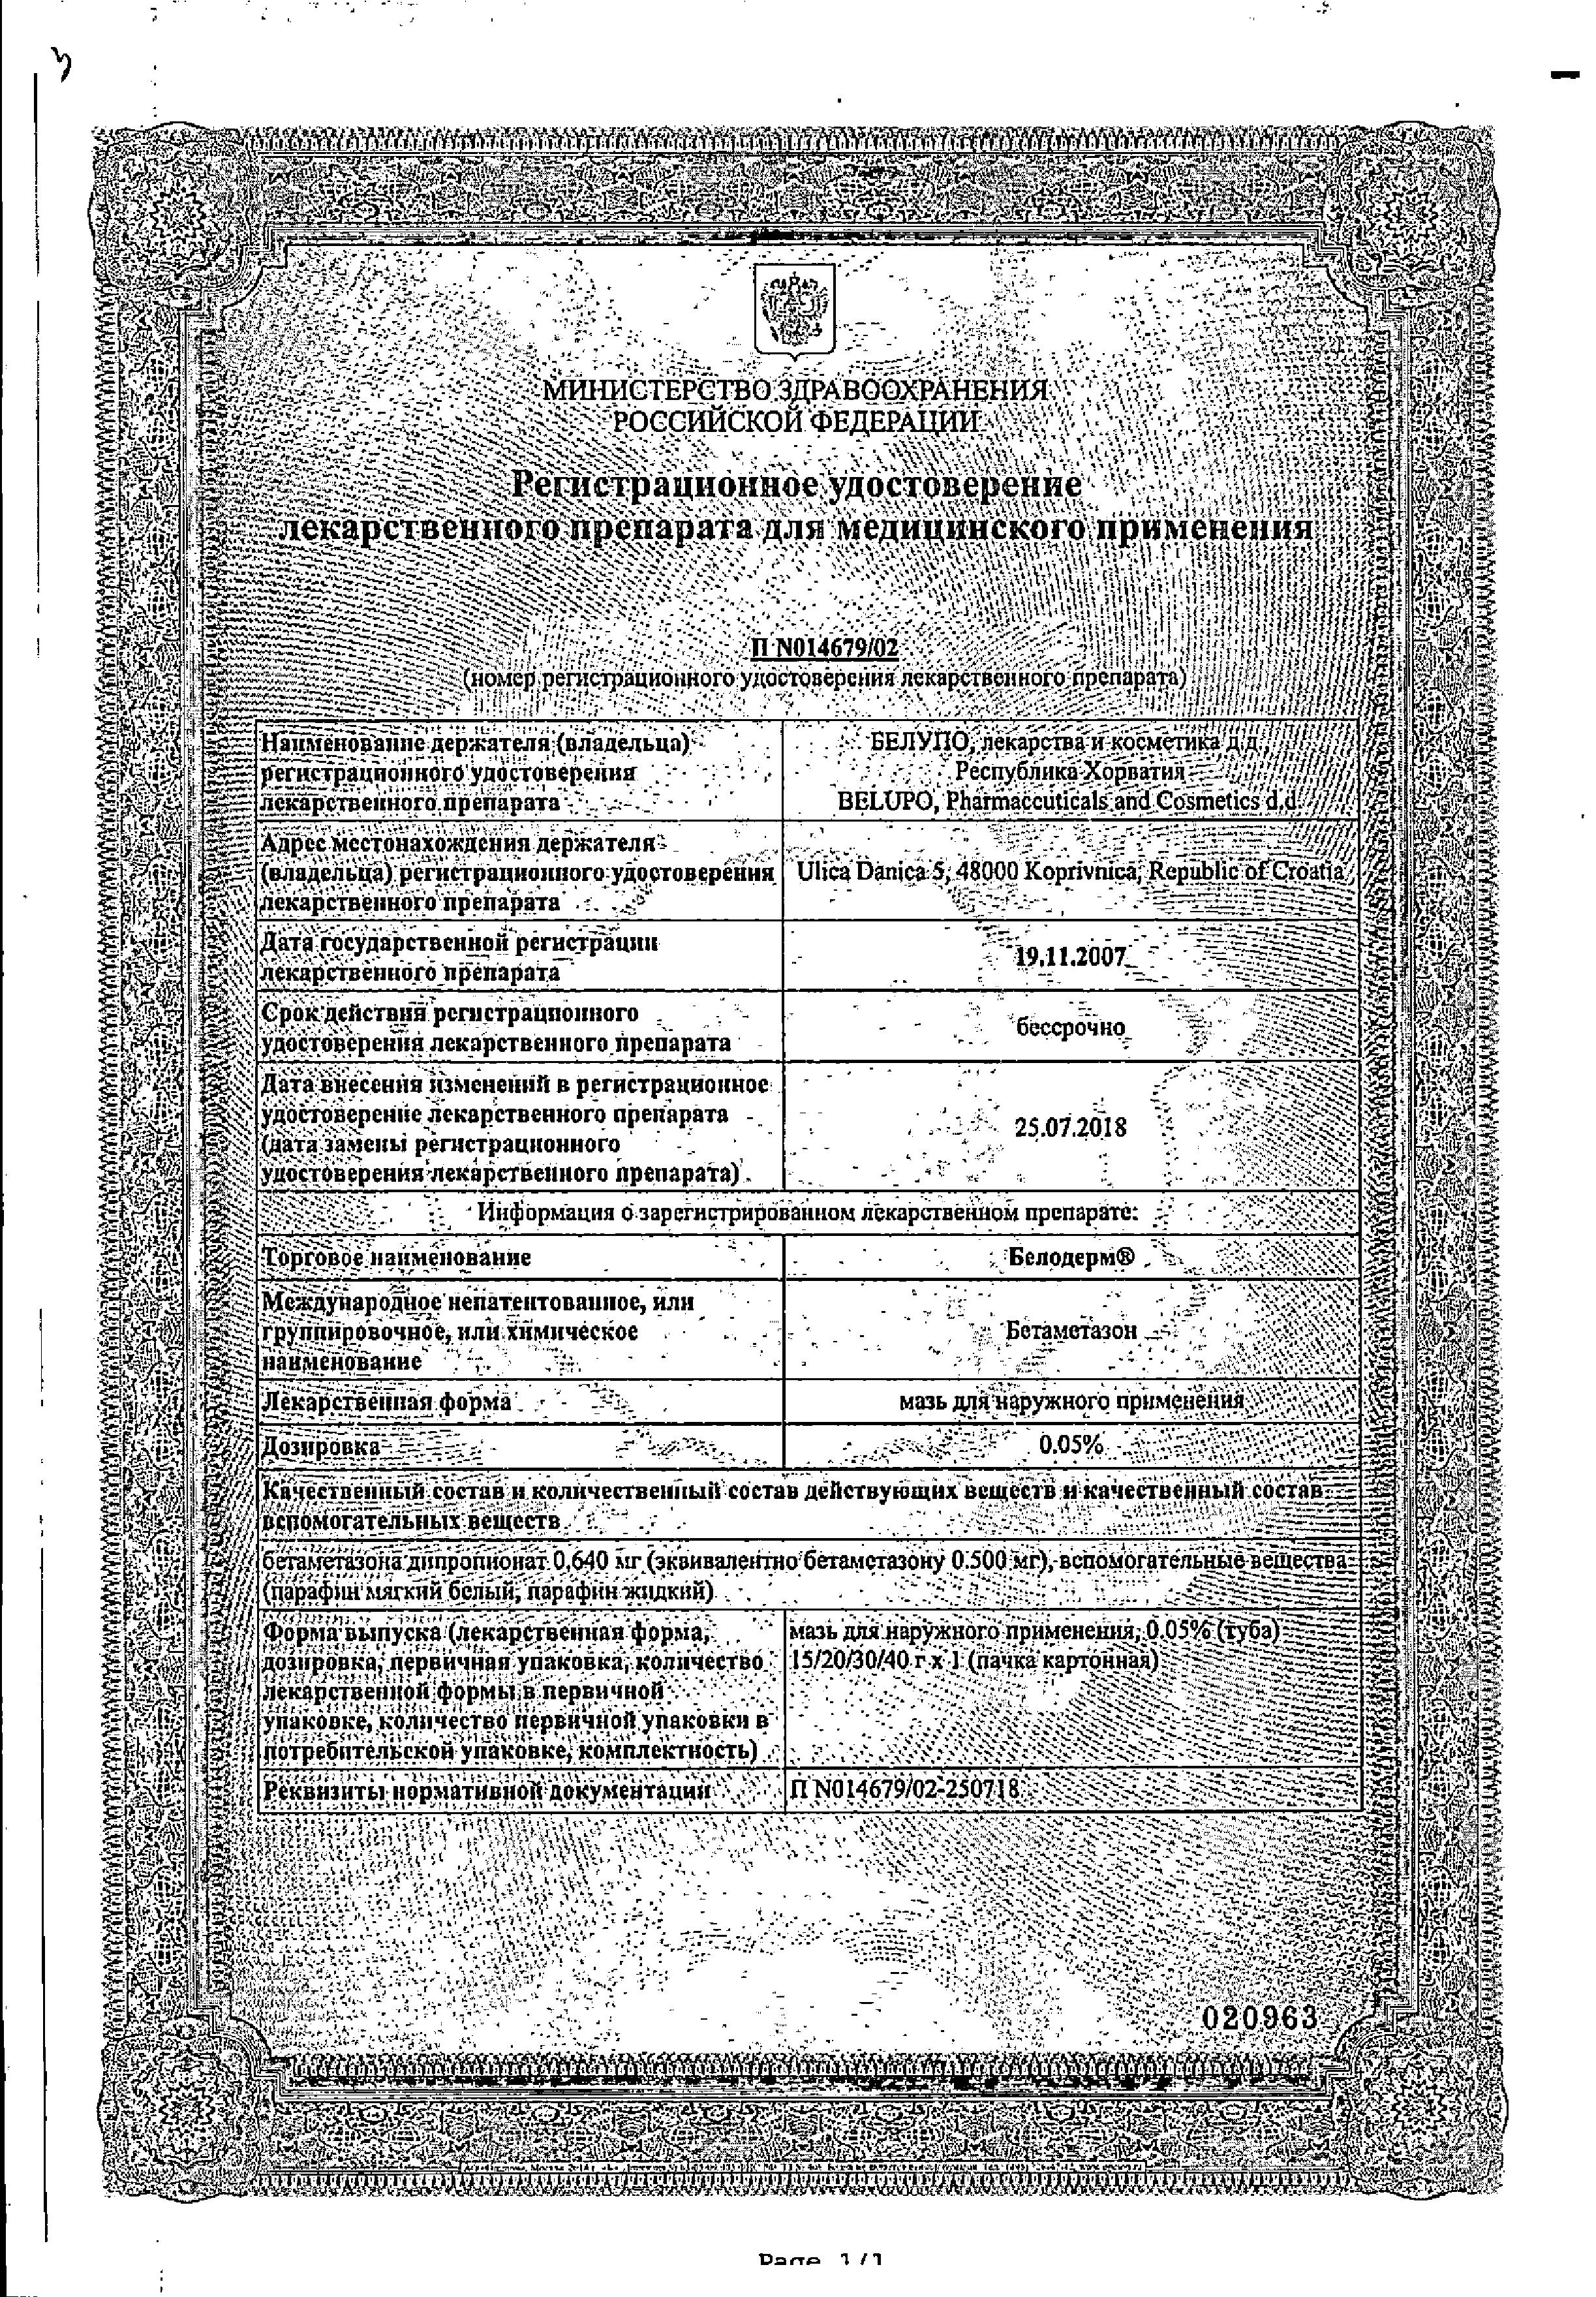 Белодерм сертификат